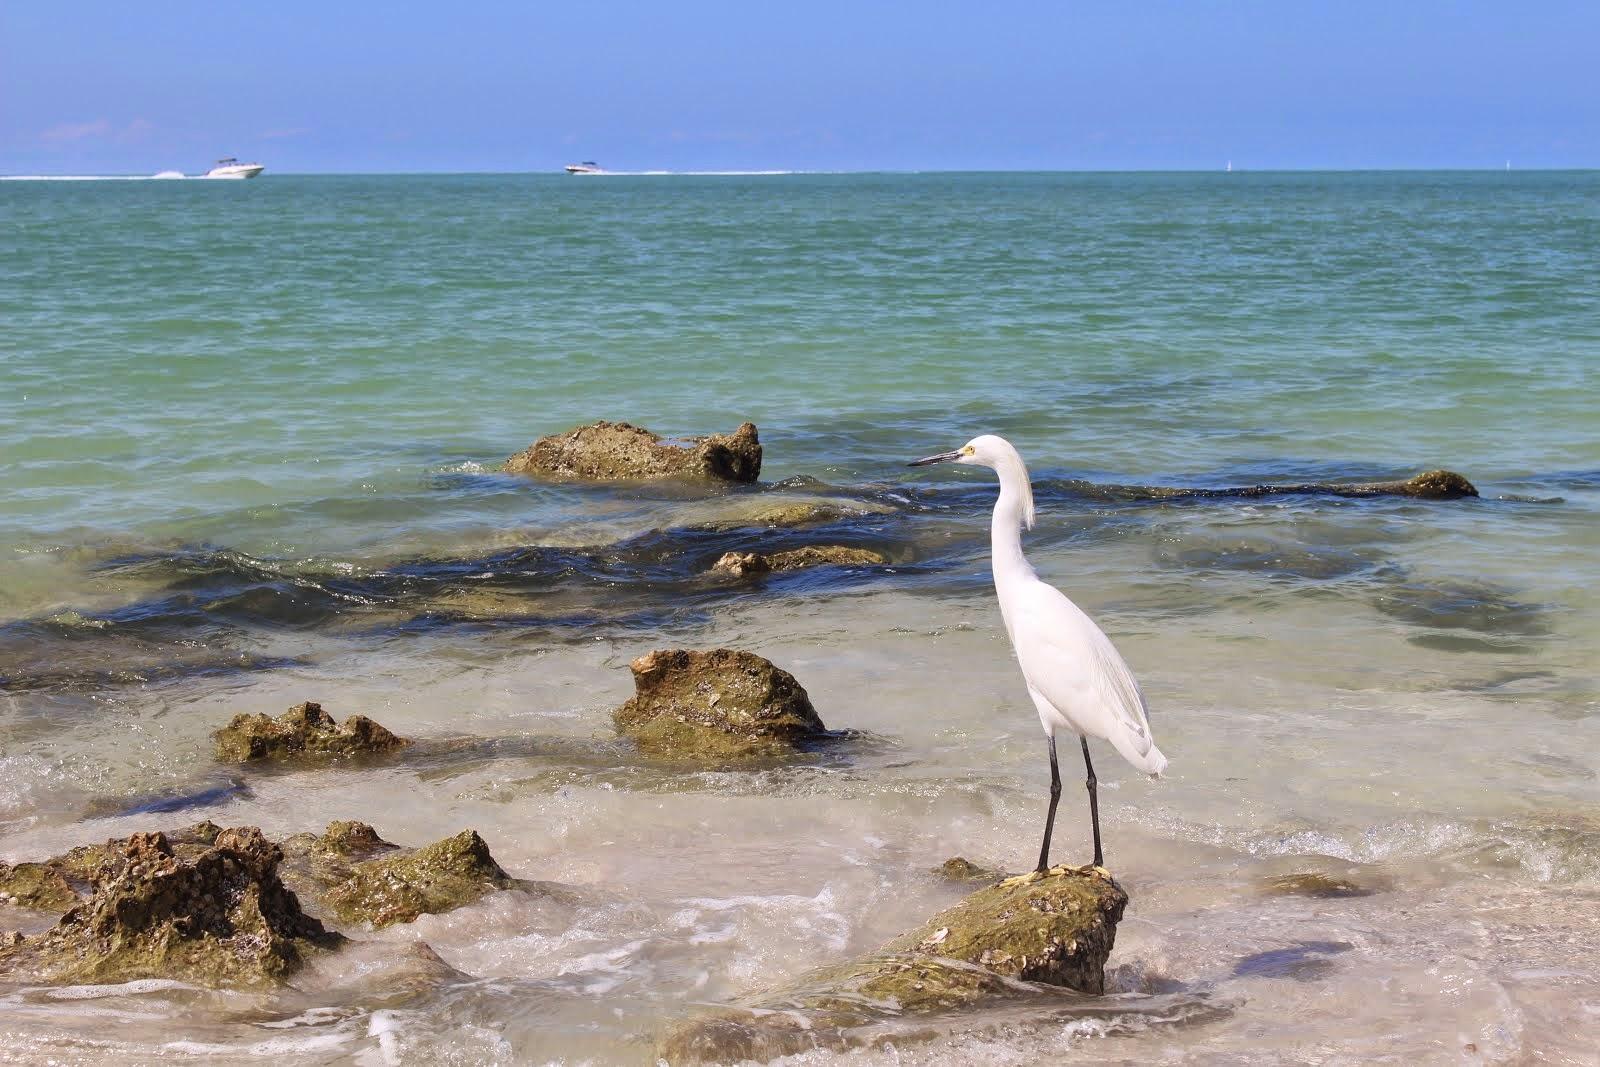 En admiration devant la beauté du paysage, Naples, FL